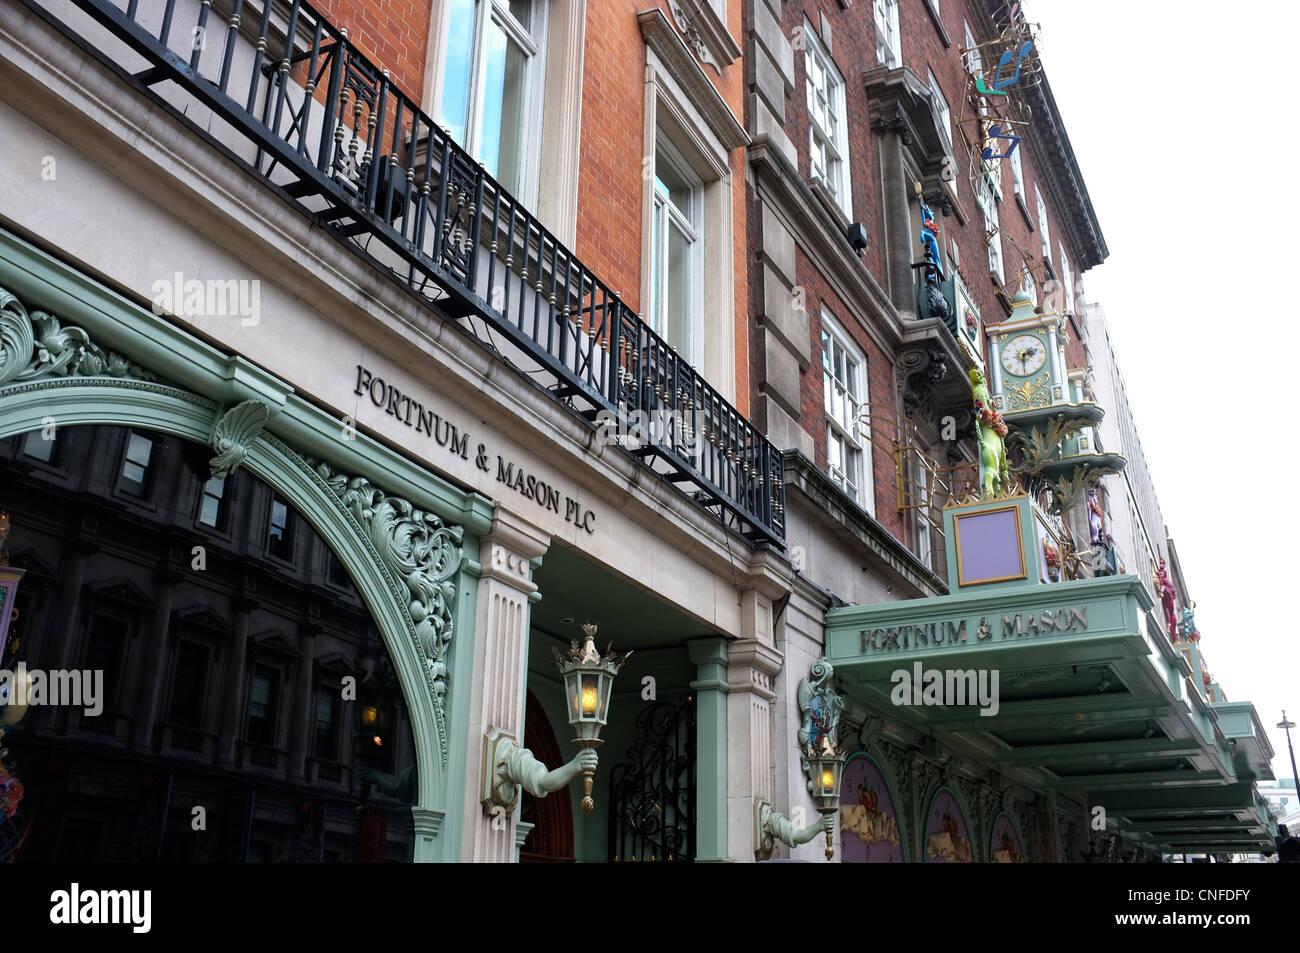 fortnum and mason emporium piccadilly london uk 2012 - Stock Image